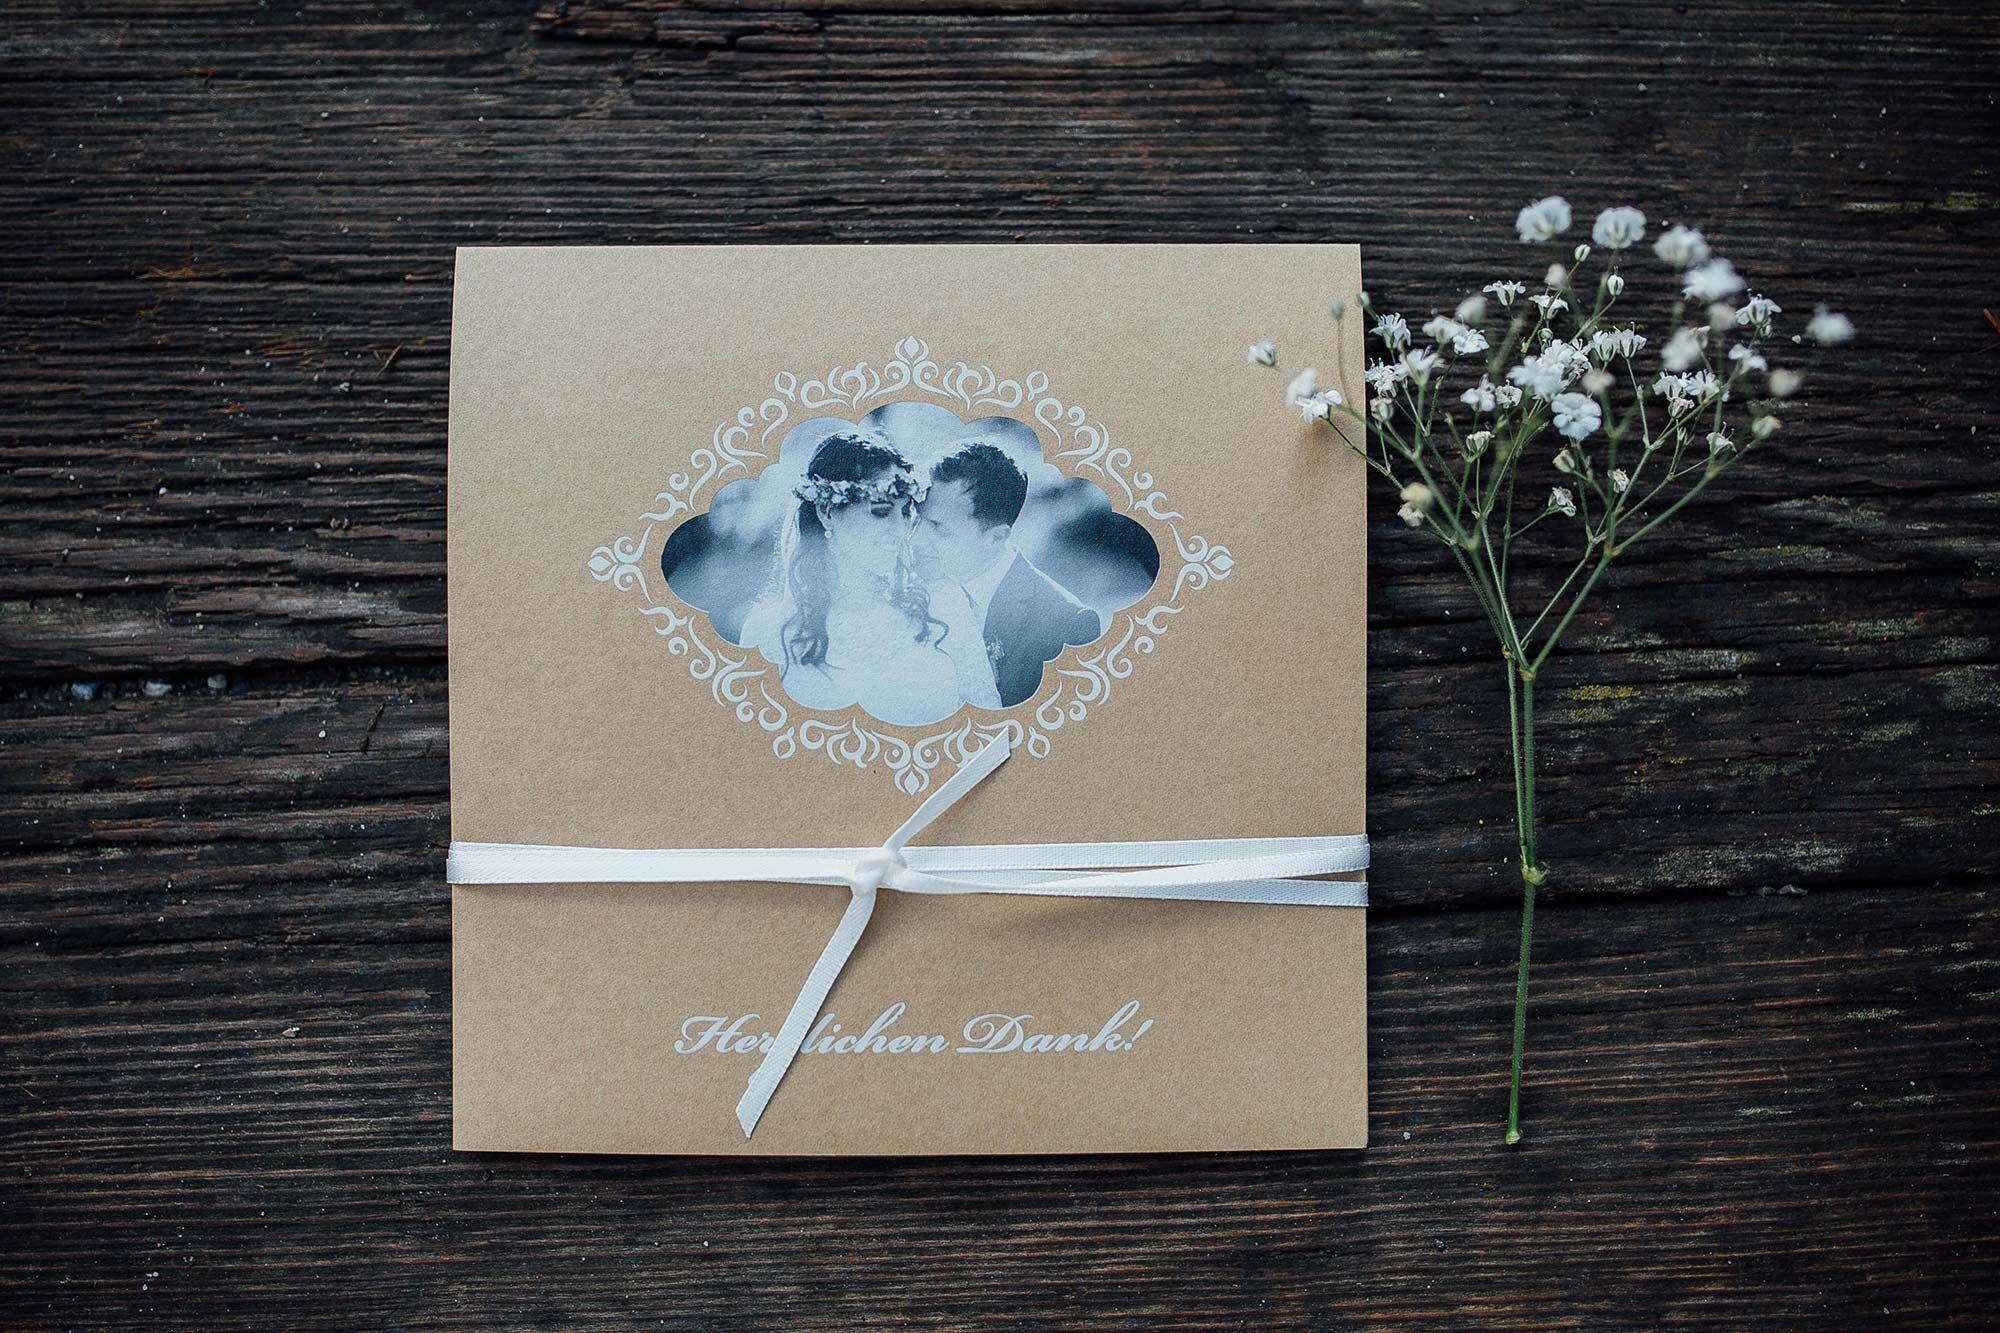 Hochzeitseinladungen Drucken Gunstig